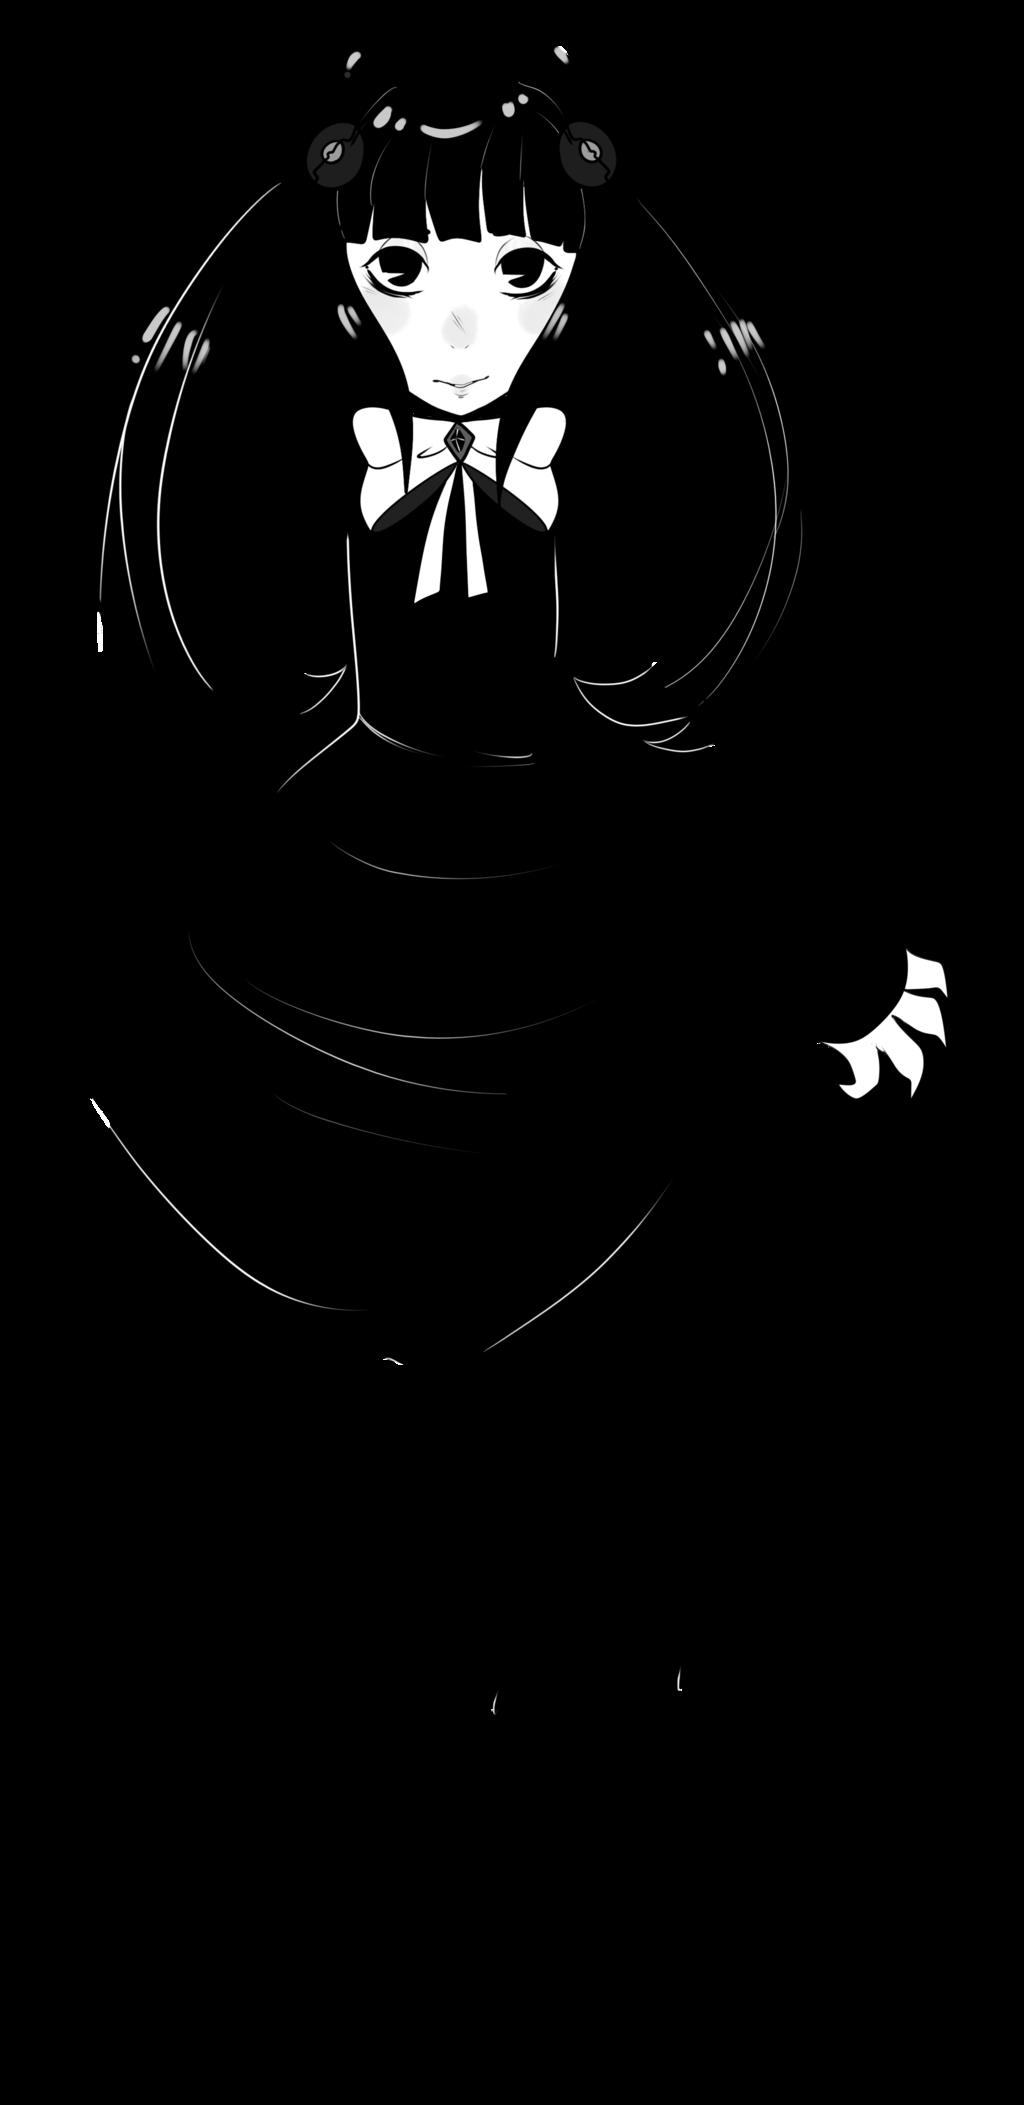 Clip art Black Illustration Silhouette Female.